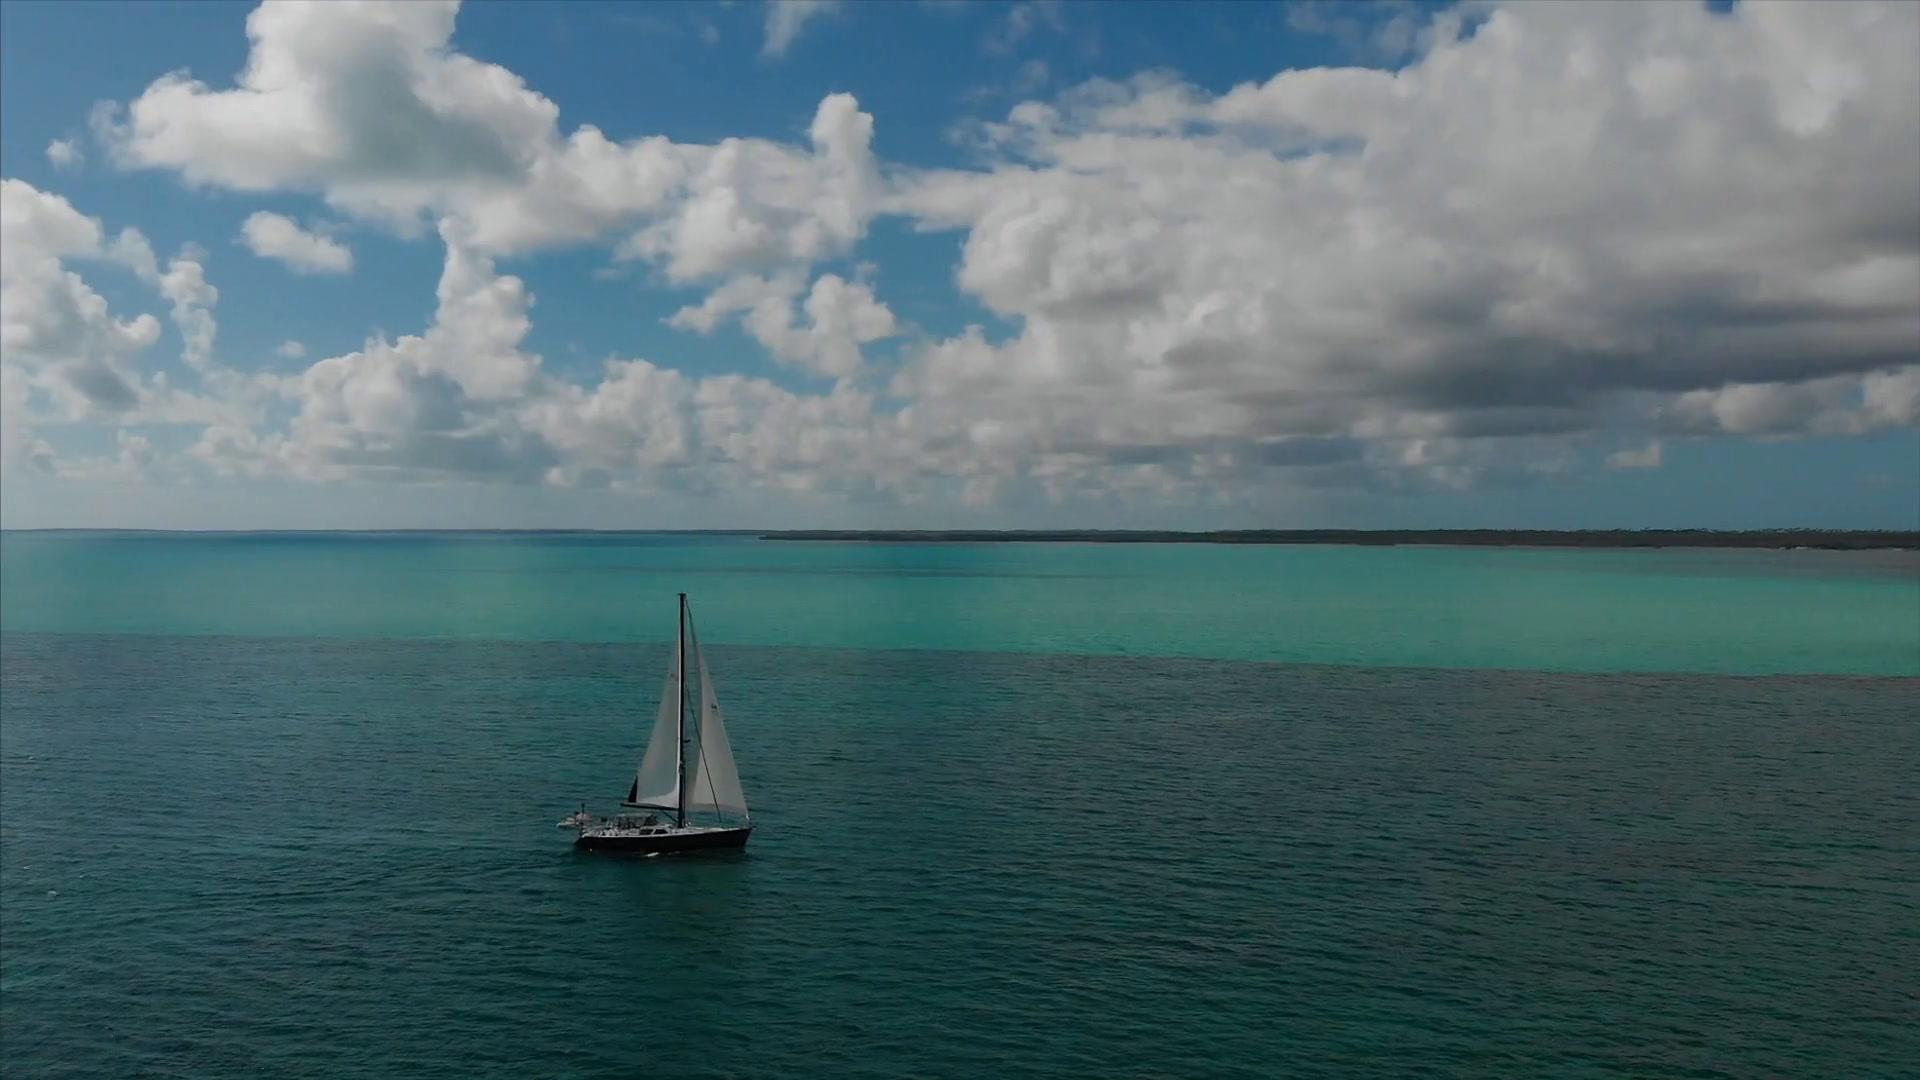 Peggy + David | The Bahamas, The Bahamas | Abaco Beach Resort